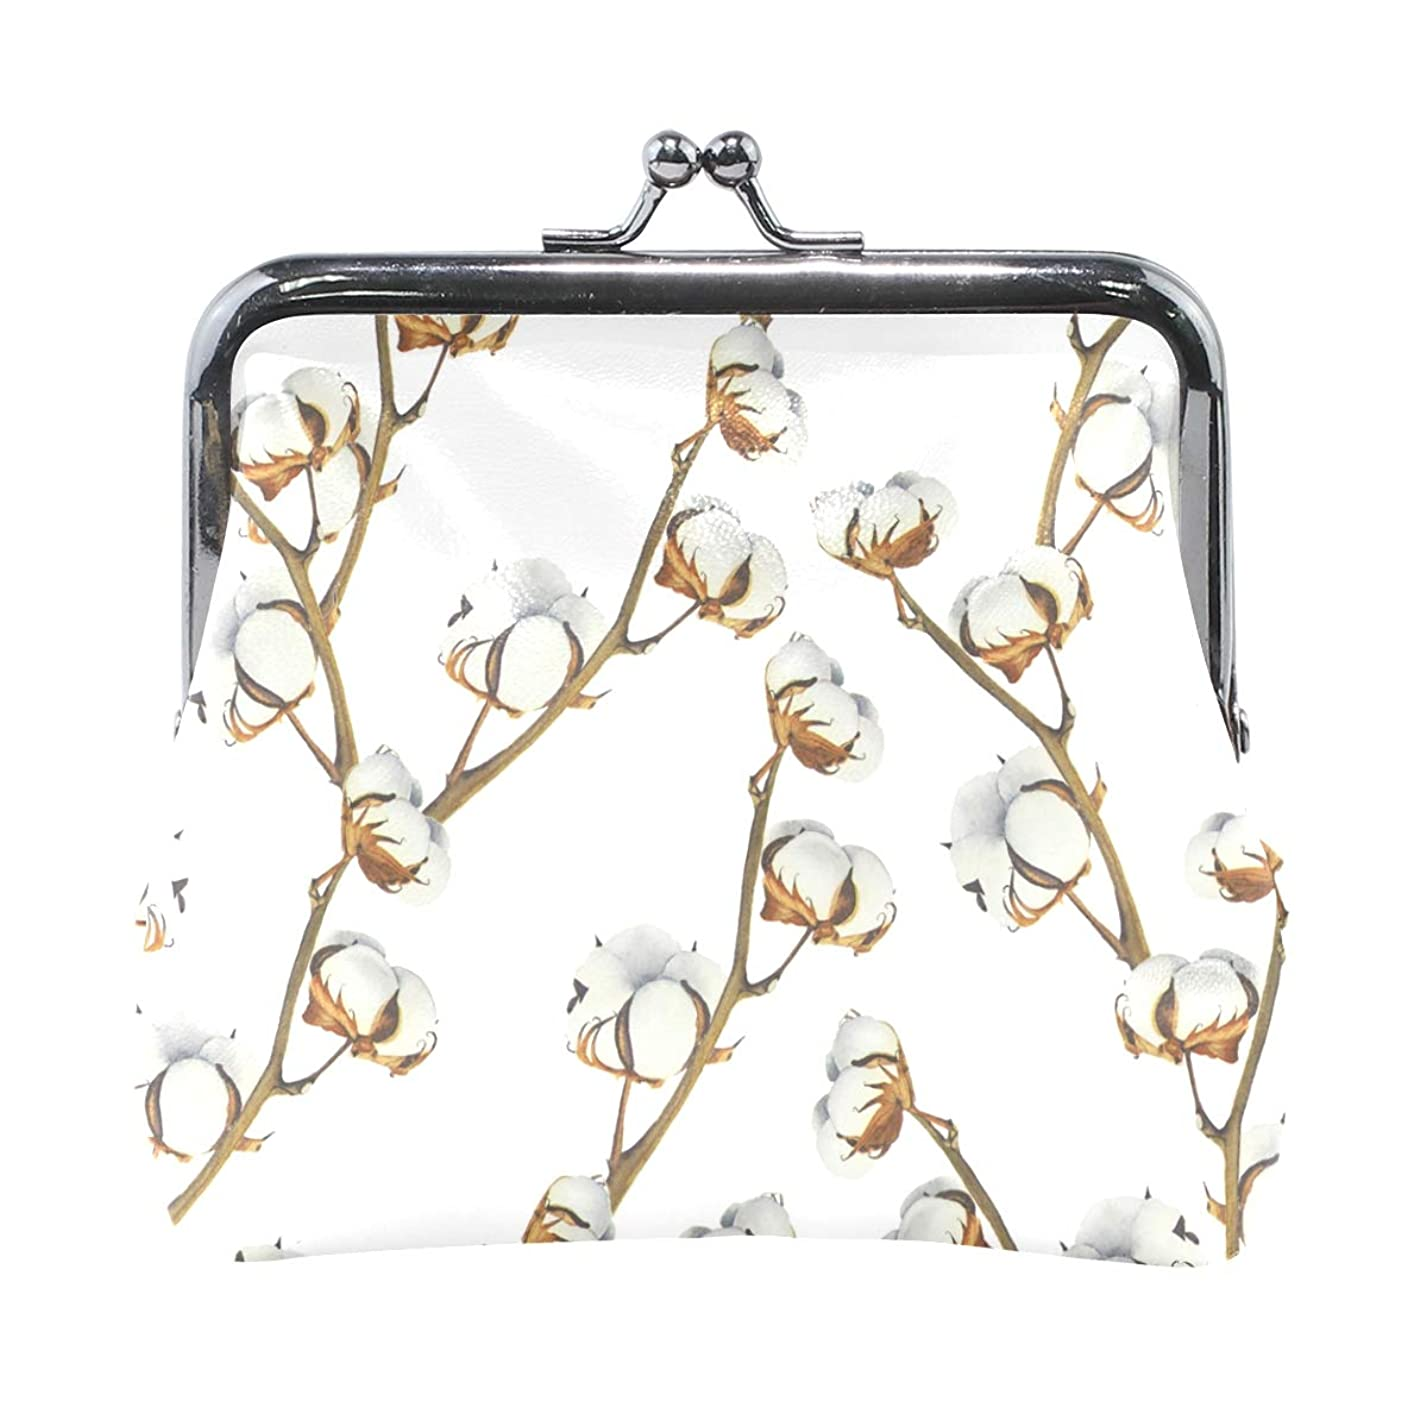 散歩に行くビュッフェ勇気がま口 財布 口金 小銭入れ ポーチ 花 ANNSIN バッグ かわいい 高級レザー レディース プレゼント ほど良いサイズ